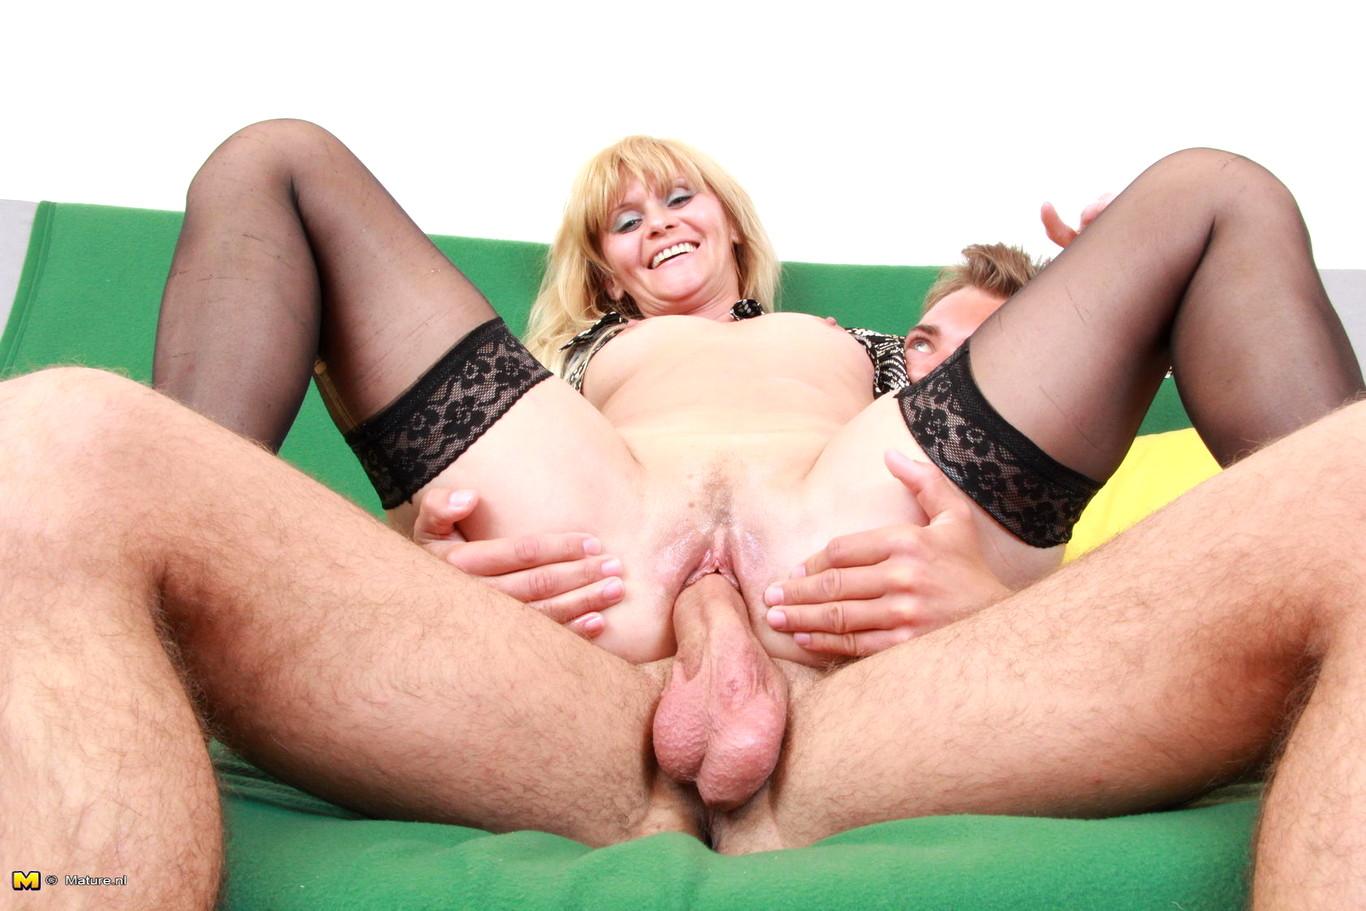 Mature Nl Maturenl Model Pornpics Stockings Soapyporn Sex Hq Pics